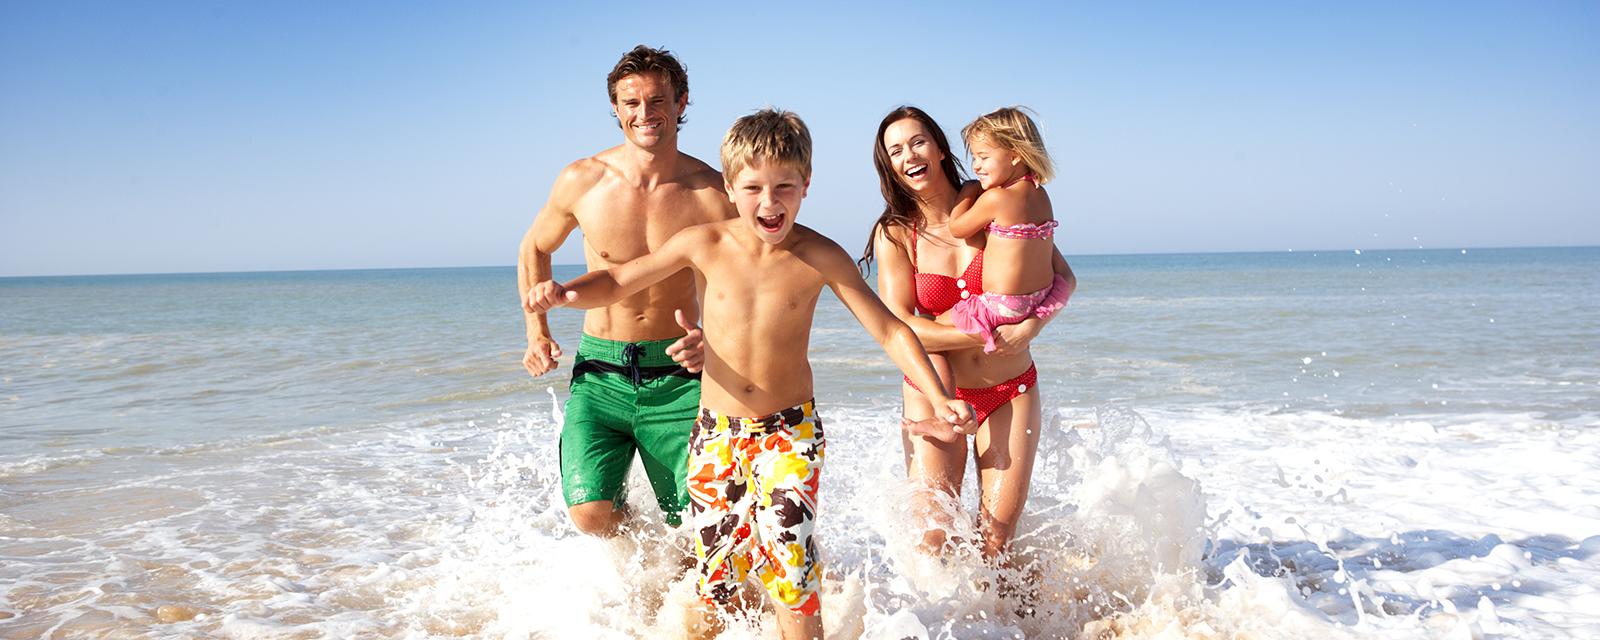 С семьёй на отдыхе фото 4 фотография